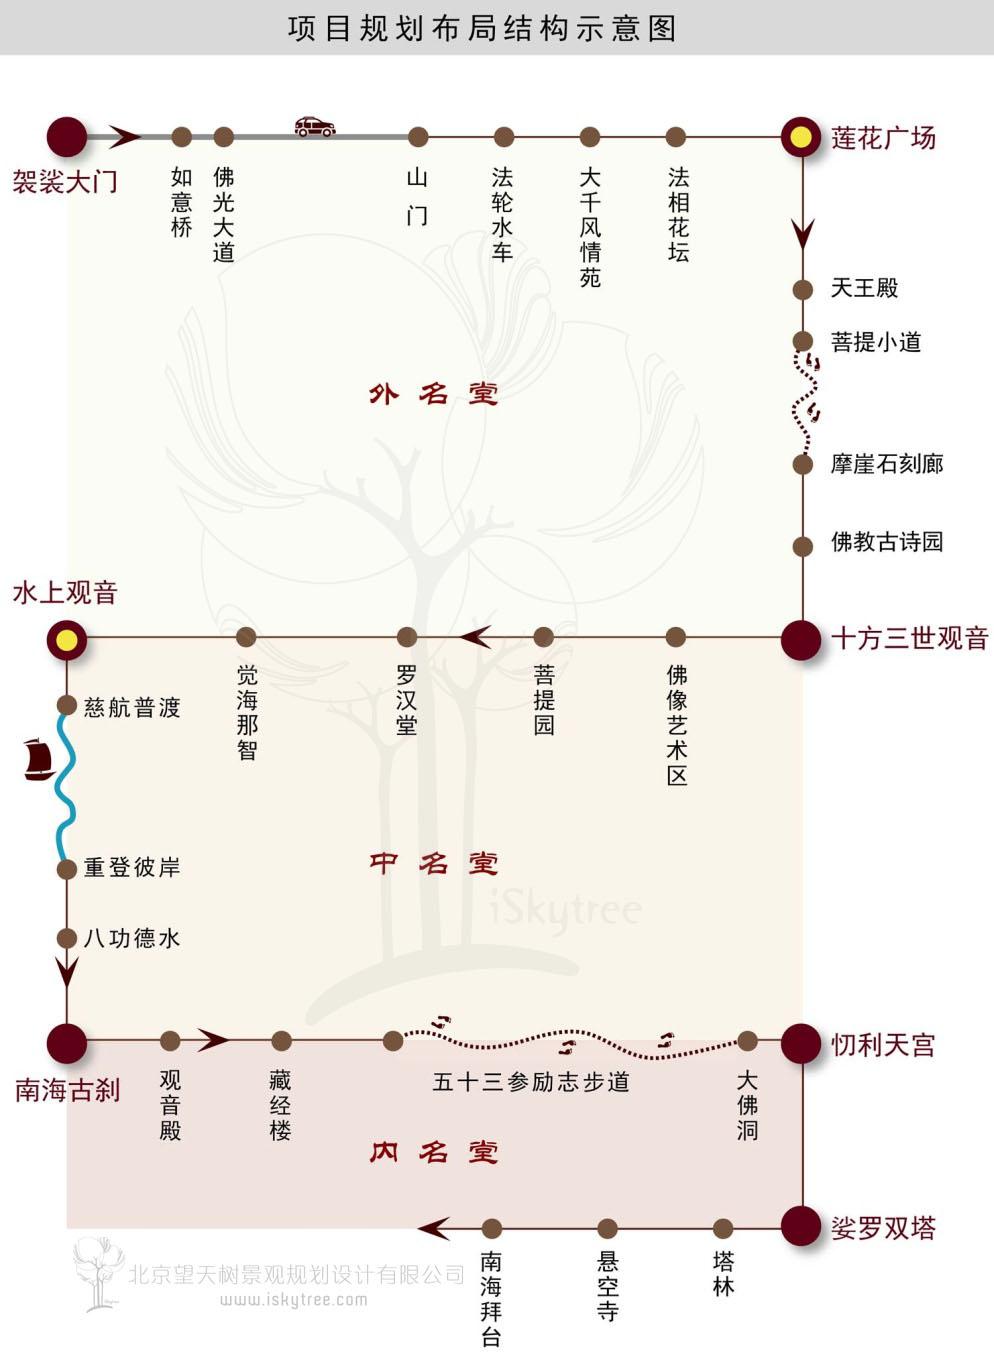 佛教qy188千赢国际景区规划设计